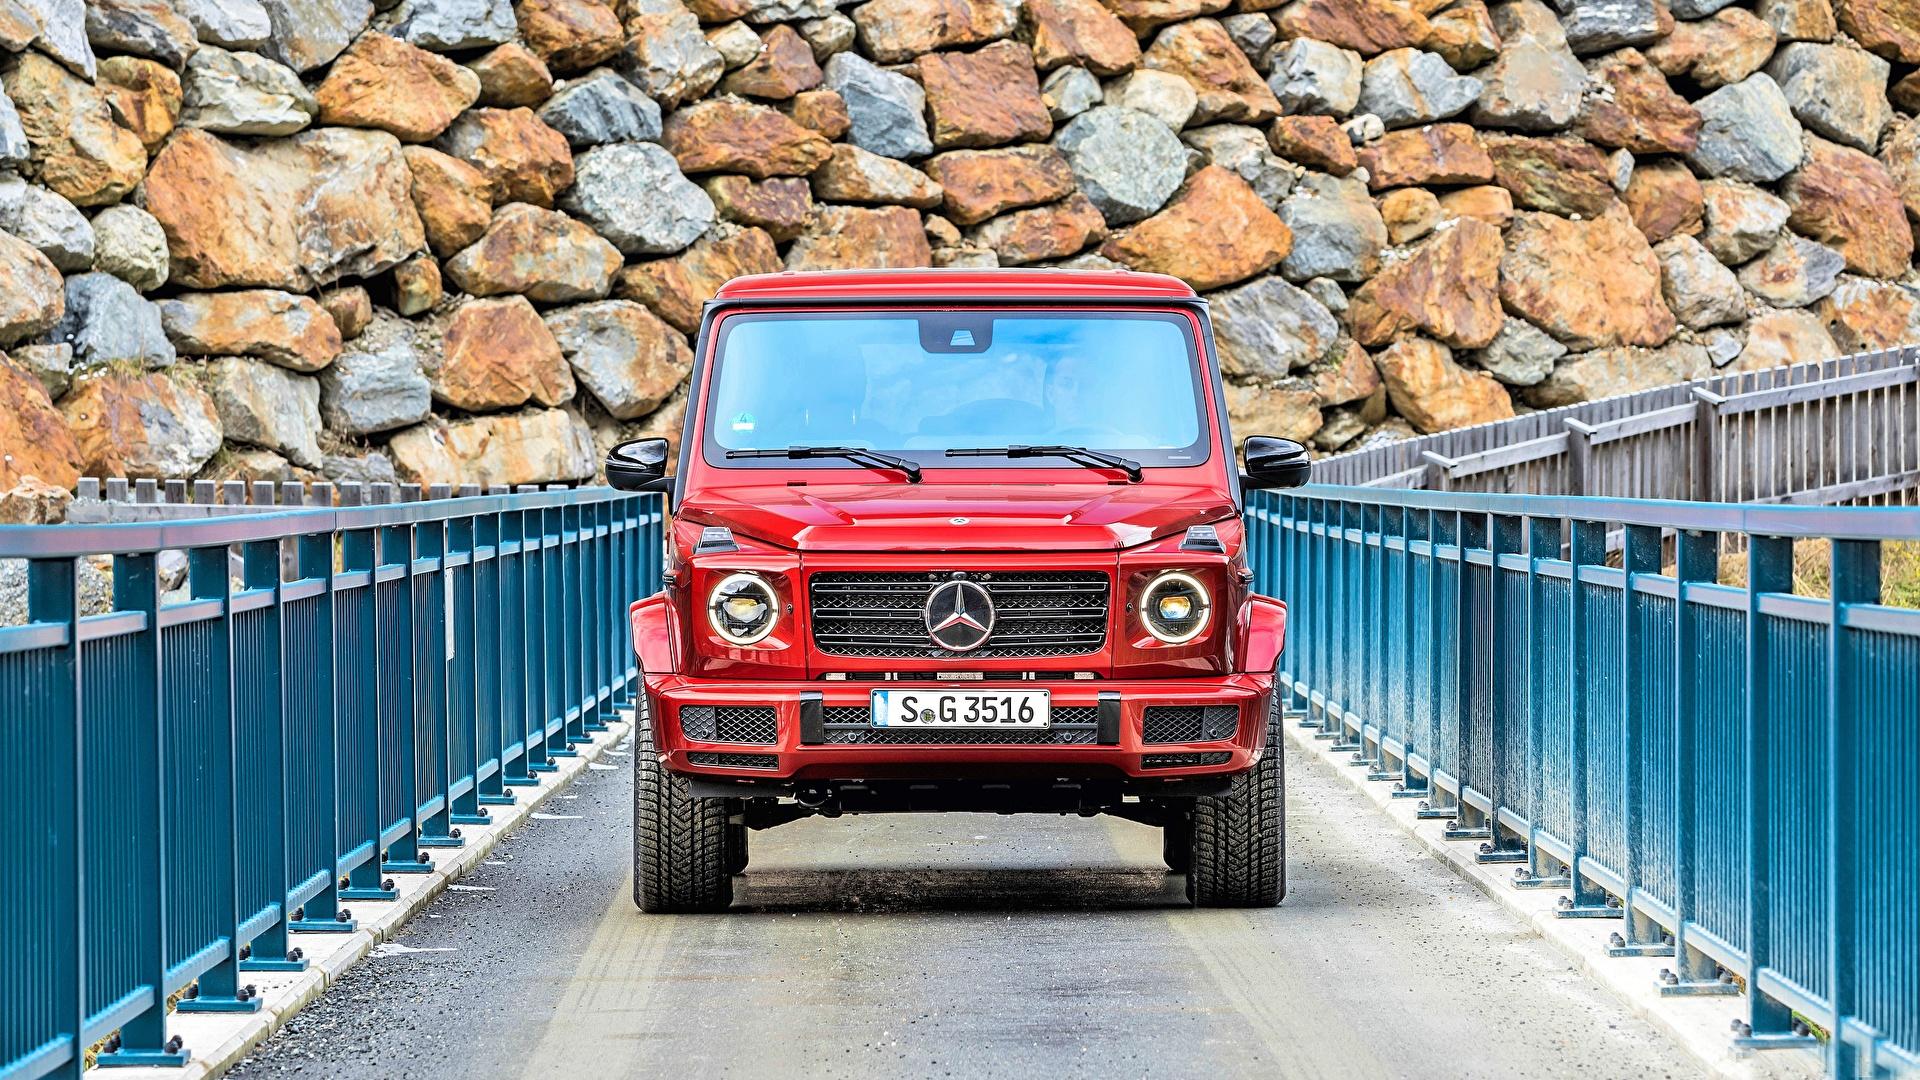 Картинки Mercedes-Benz Гелентваген G 350 d AMG Line Красный машины Спереди 1920x1080 Мерседес бенц G-класс красных красные красная авто машина автомобиль Автомобили